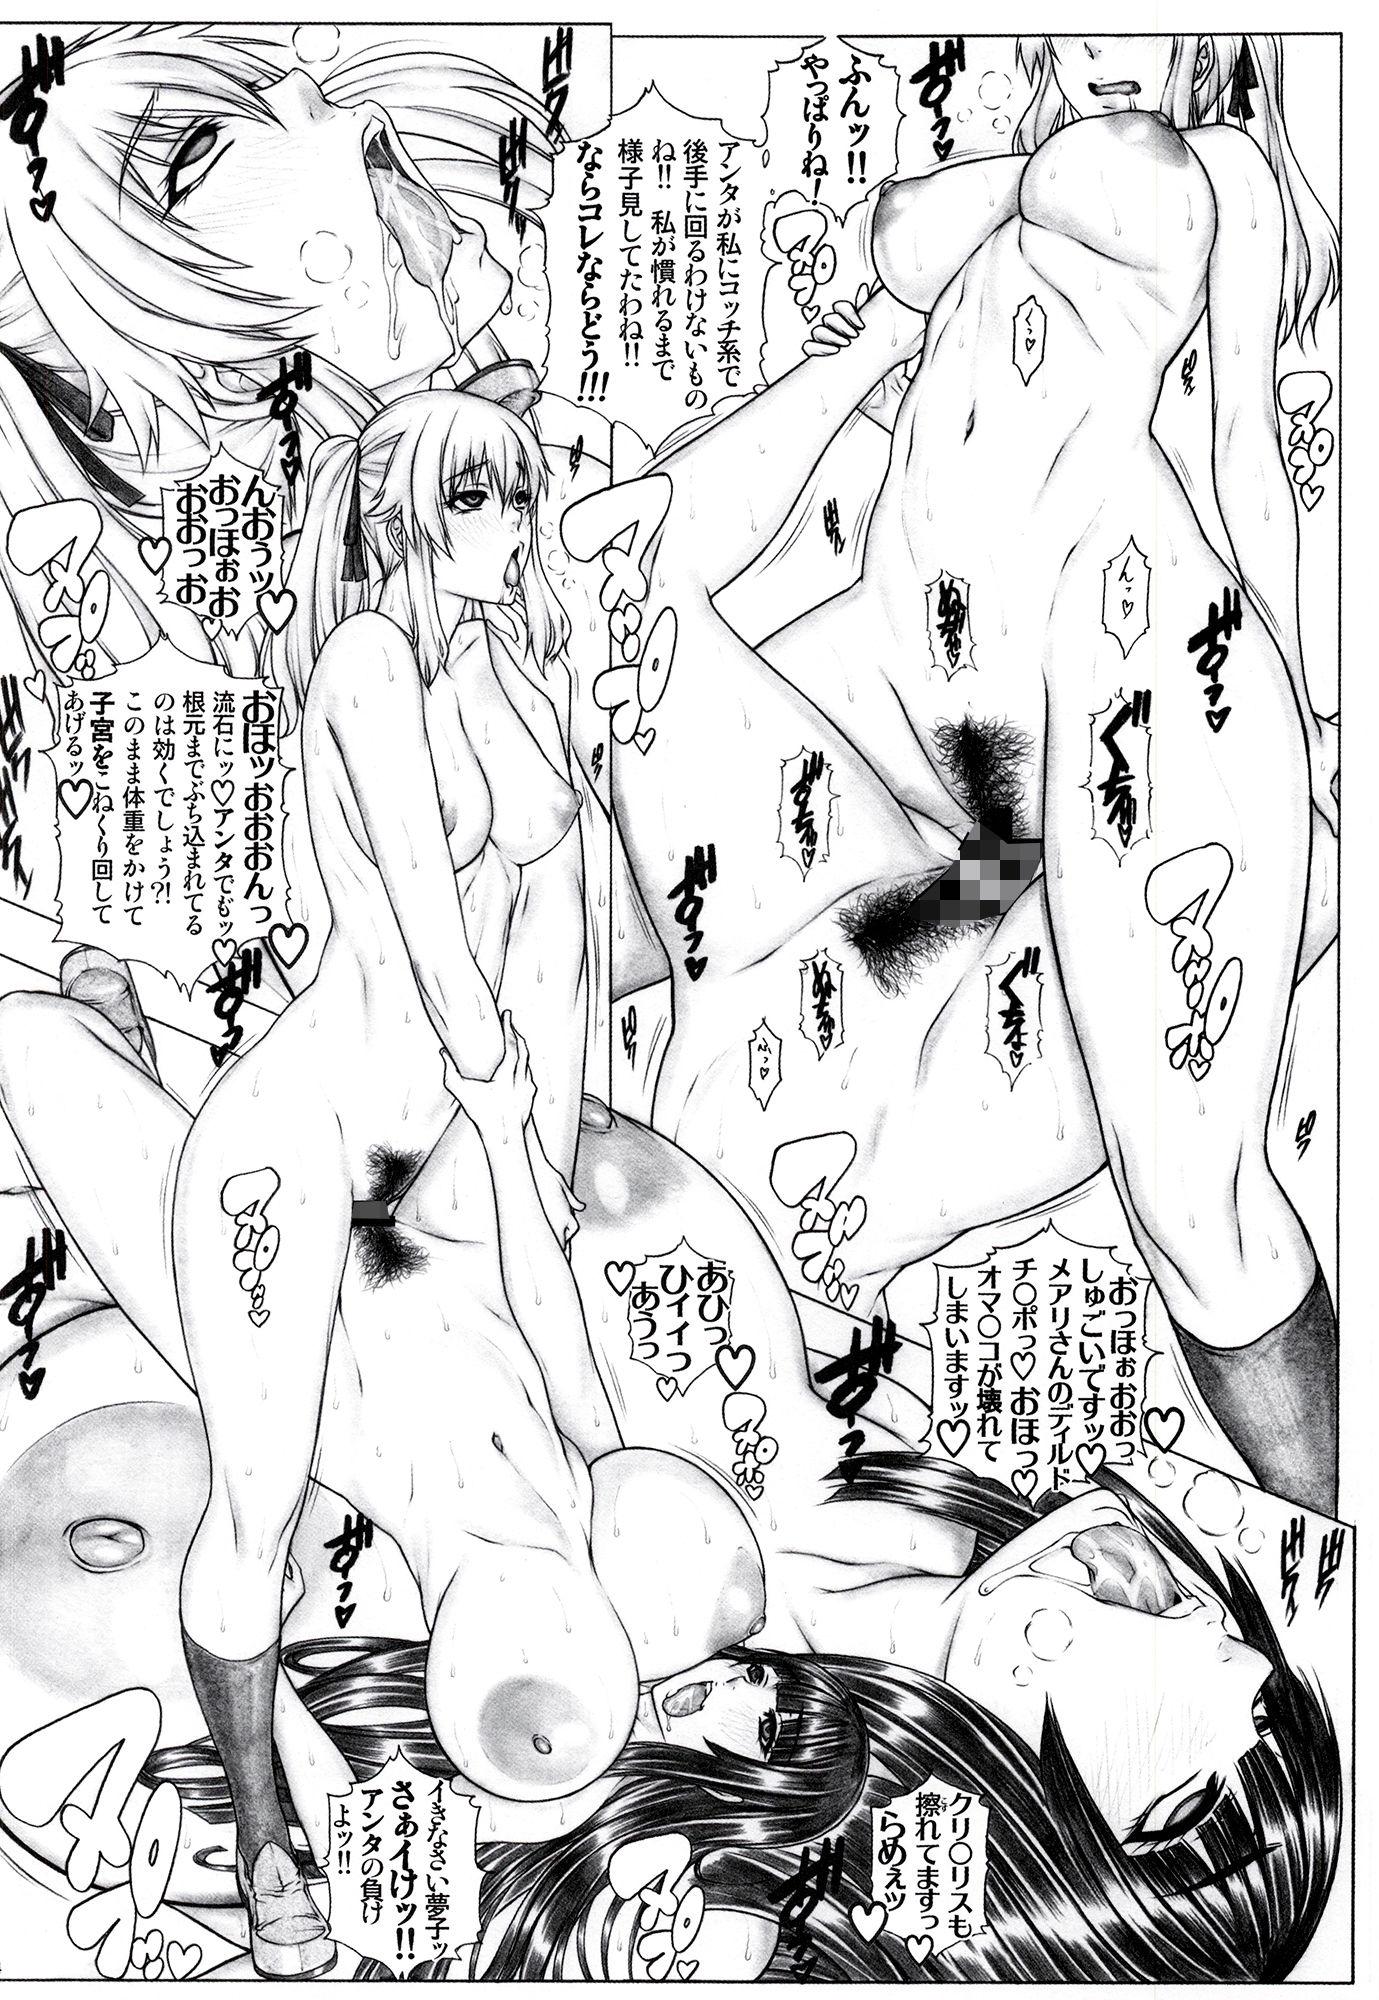 サンプル画像2:ハ×グルイ3L セックスしないと抜けられないセーエキディルド大決戦!!編(AXZ) [d_190410]